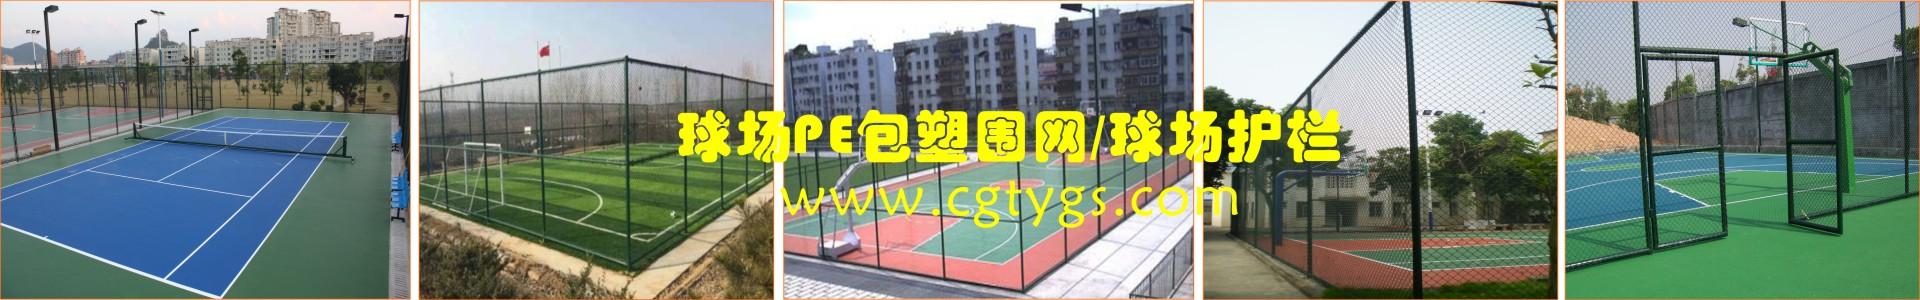 球场PE包塑围网